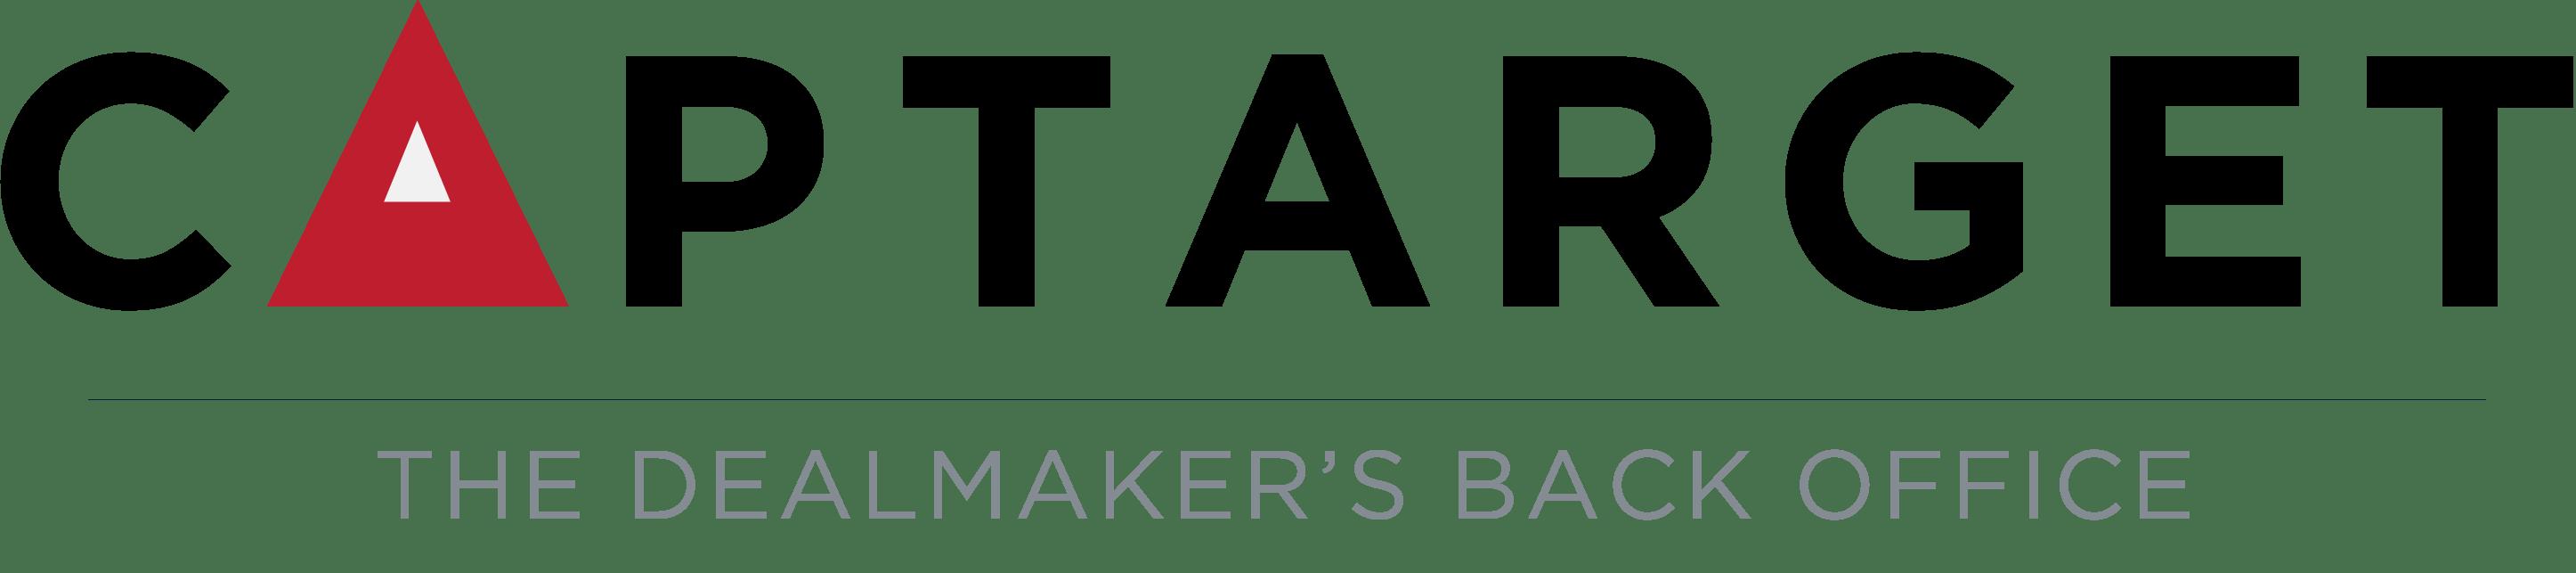 Cap Target logo